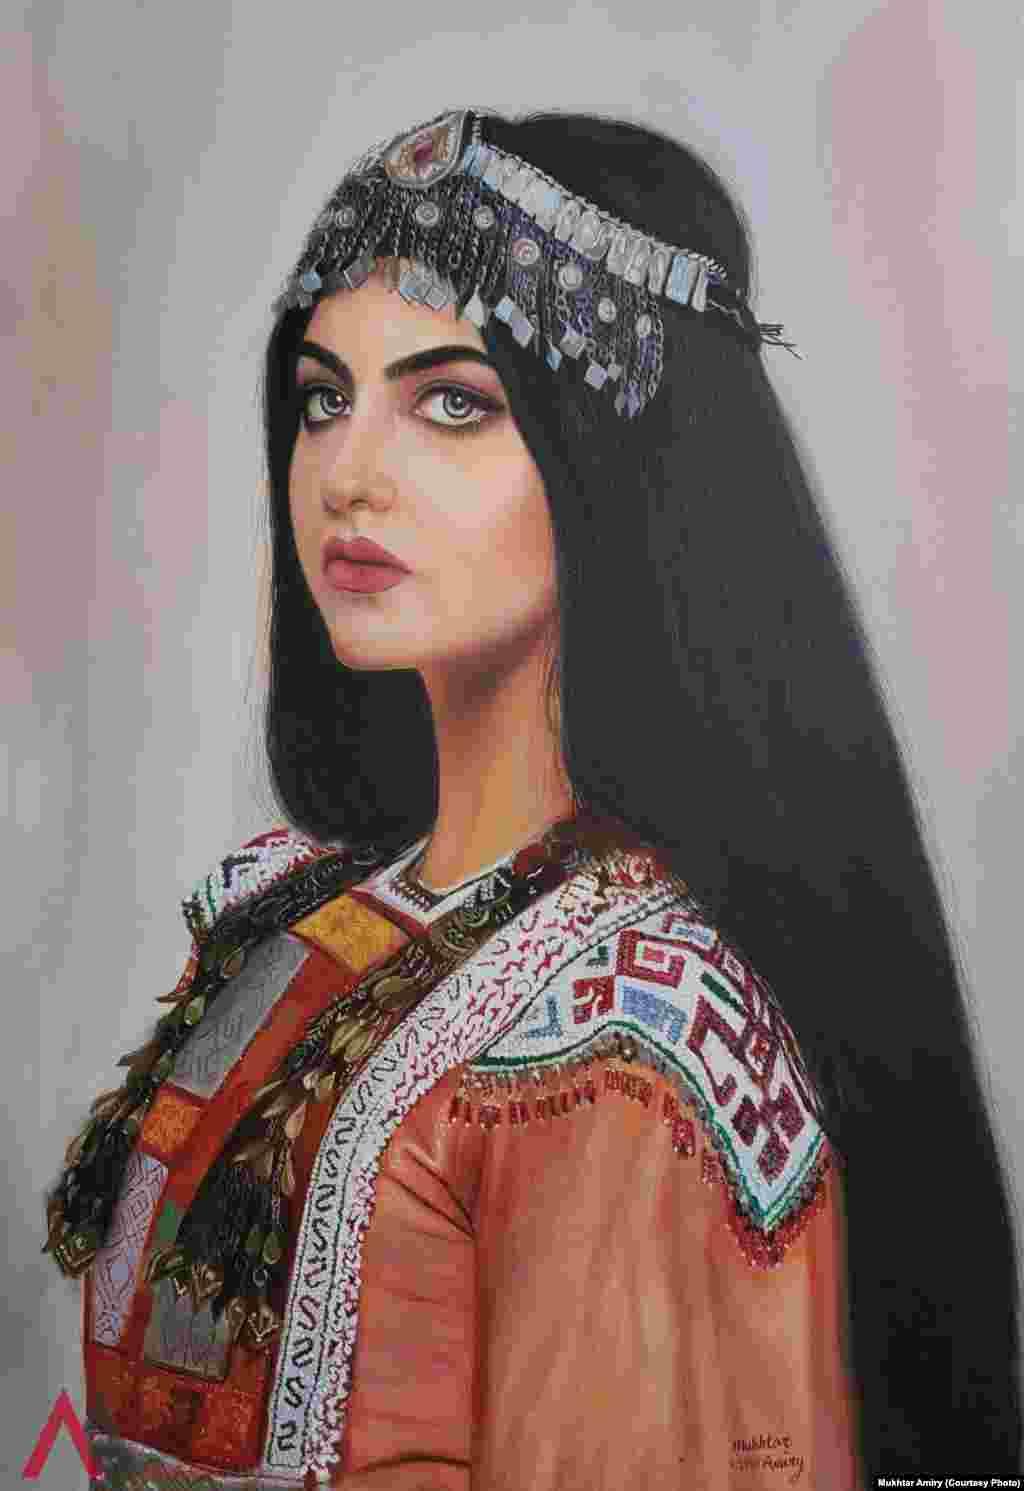 یک زن افغان با لباس های سنتی کشور